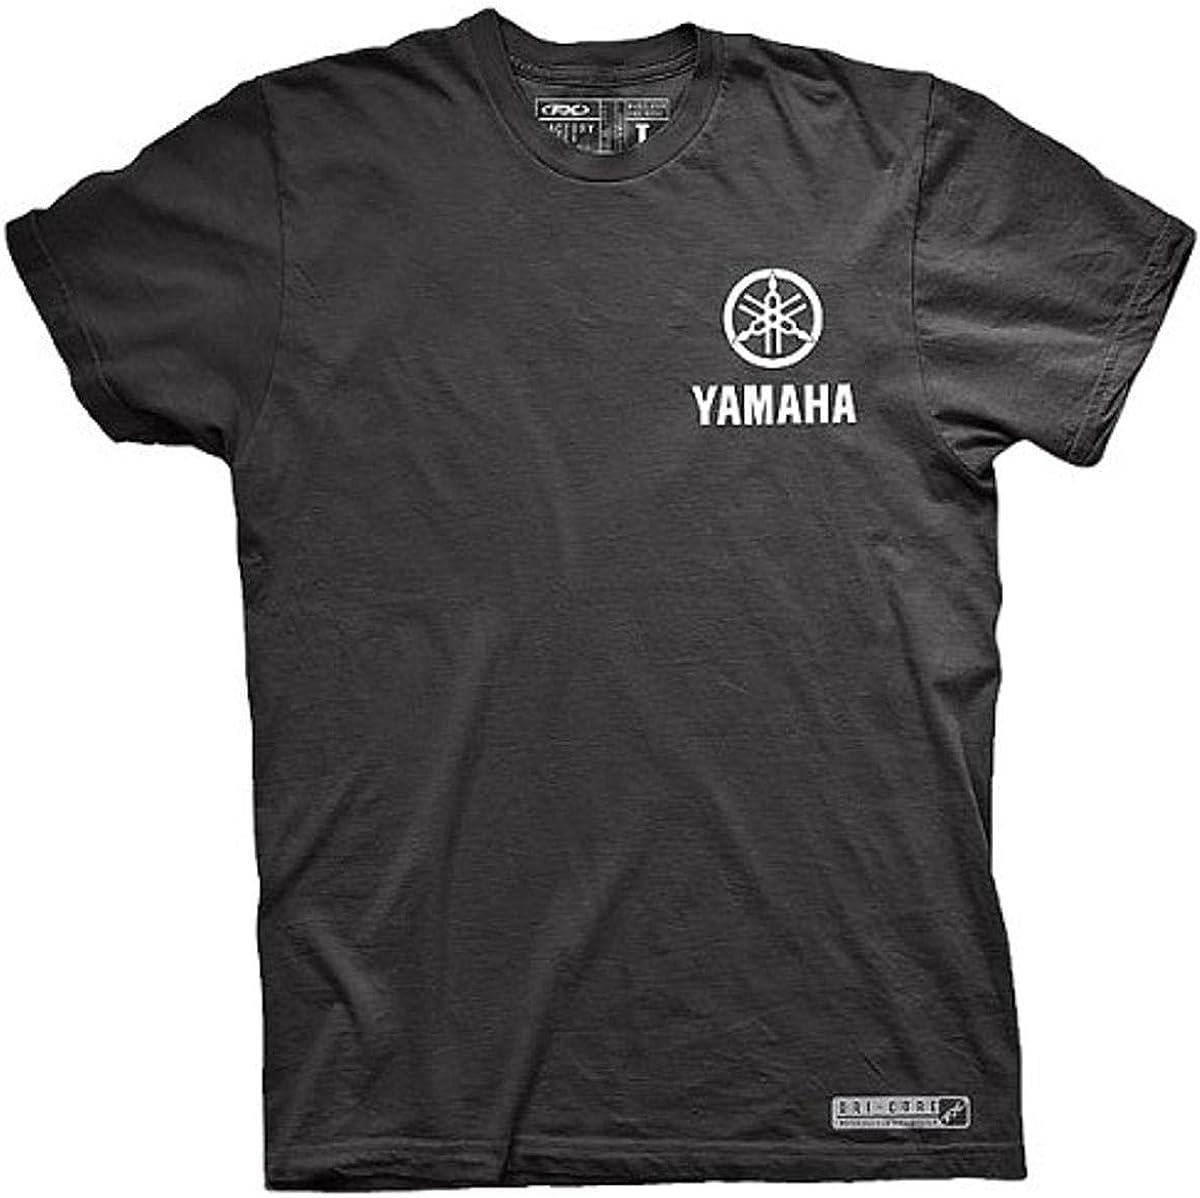 激安通販 値引き Factory Effex 'YAMAHA' Performance T-Shirt